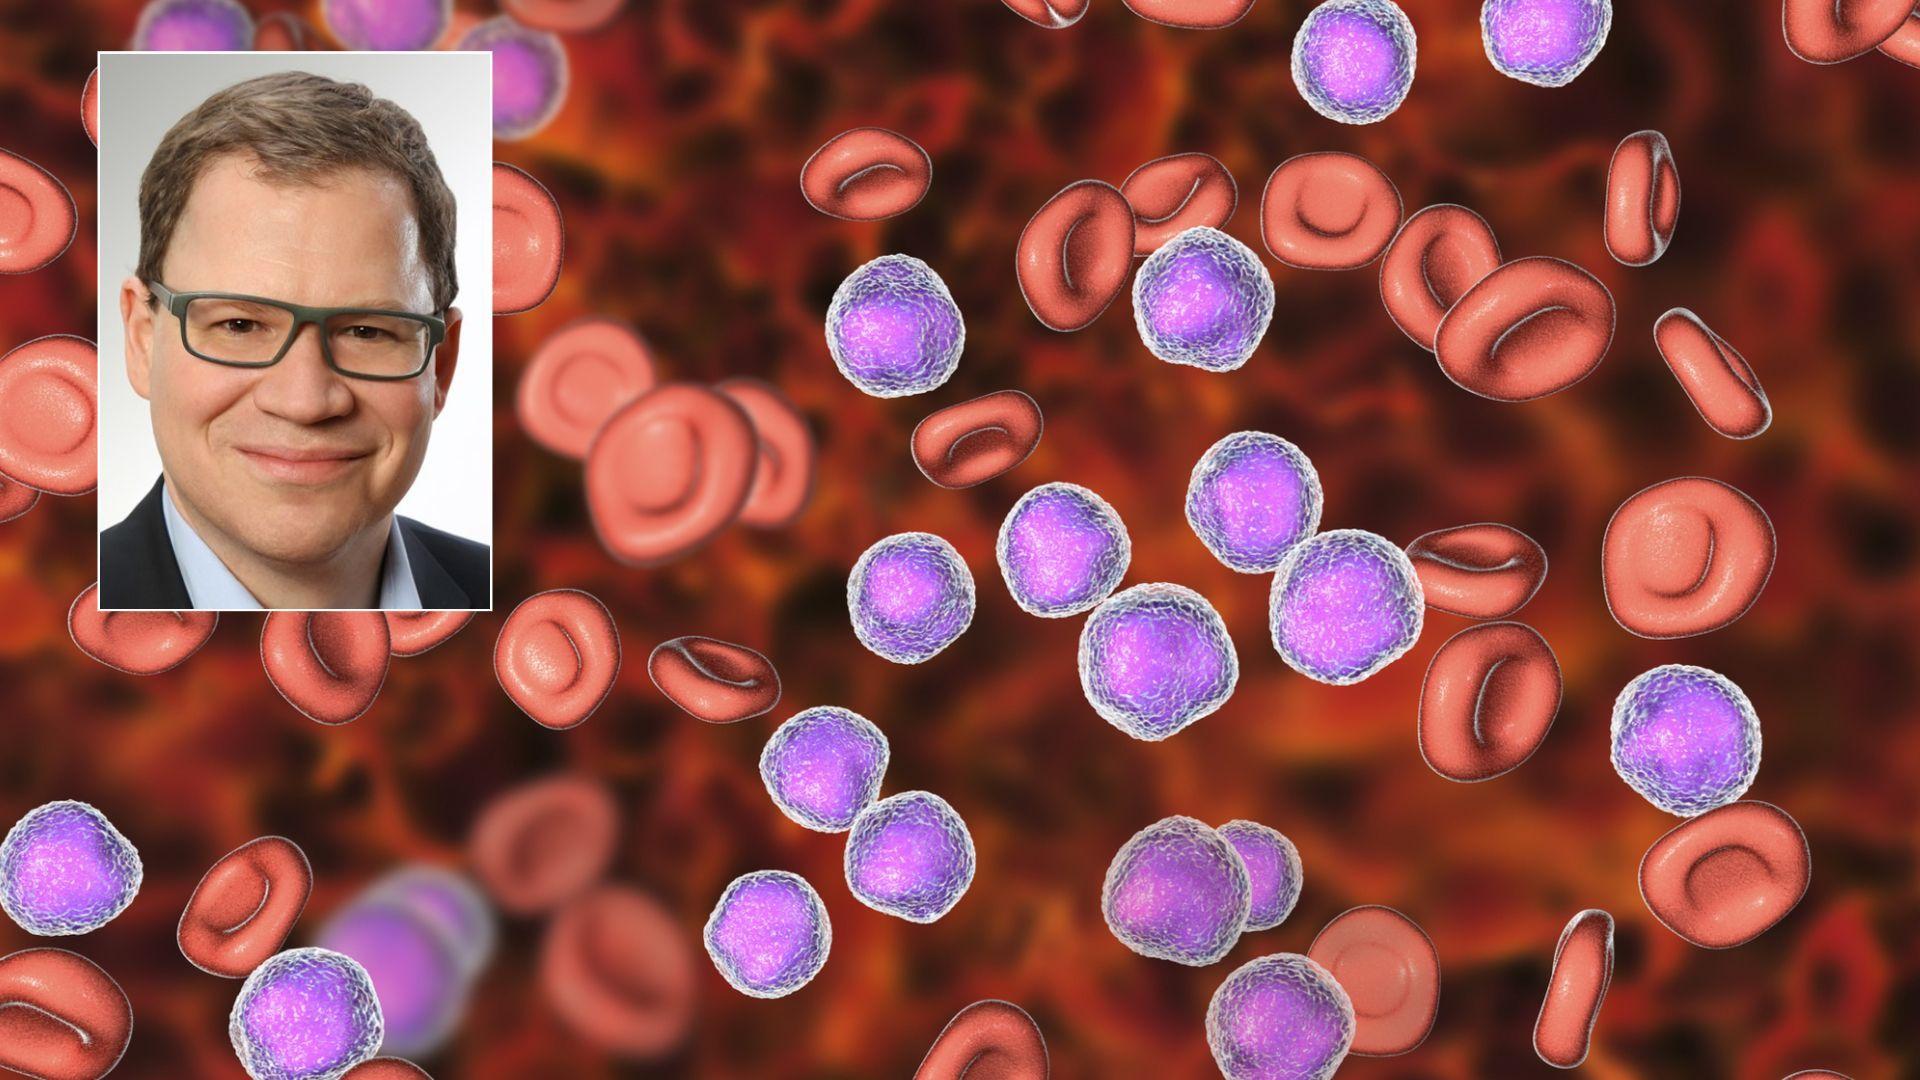 Проф.д-р Рупърт Бартш е австрийски хематолог и онколог, практикуващ в